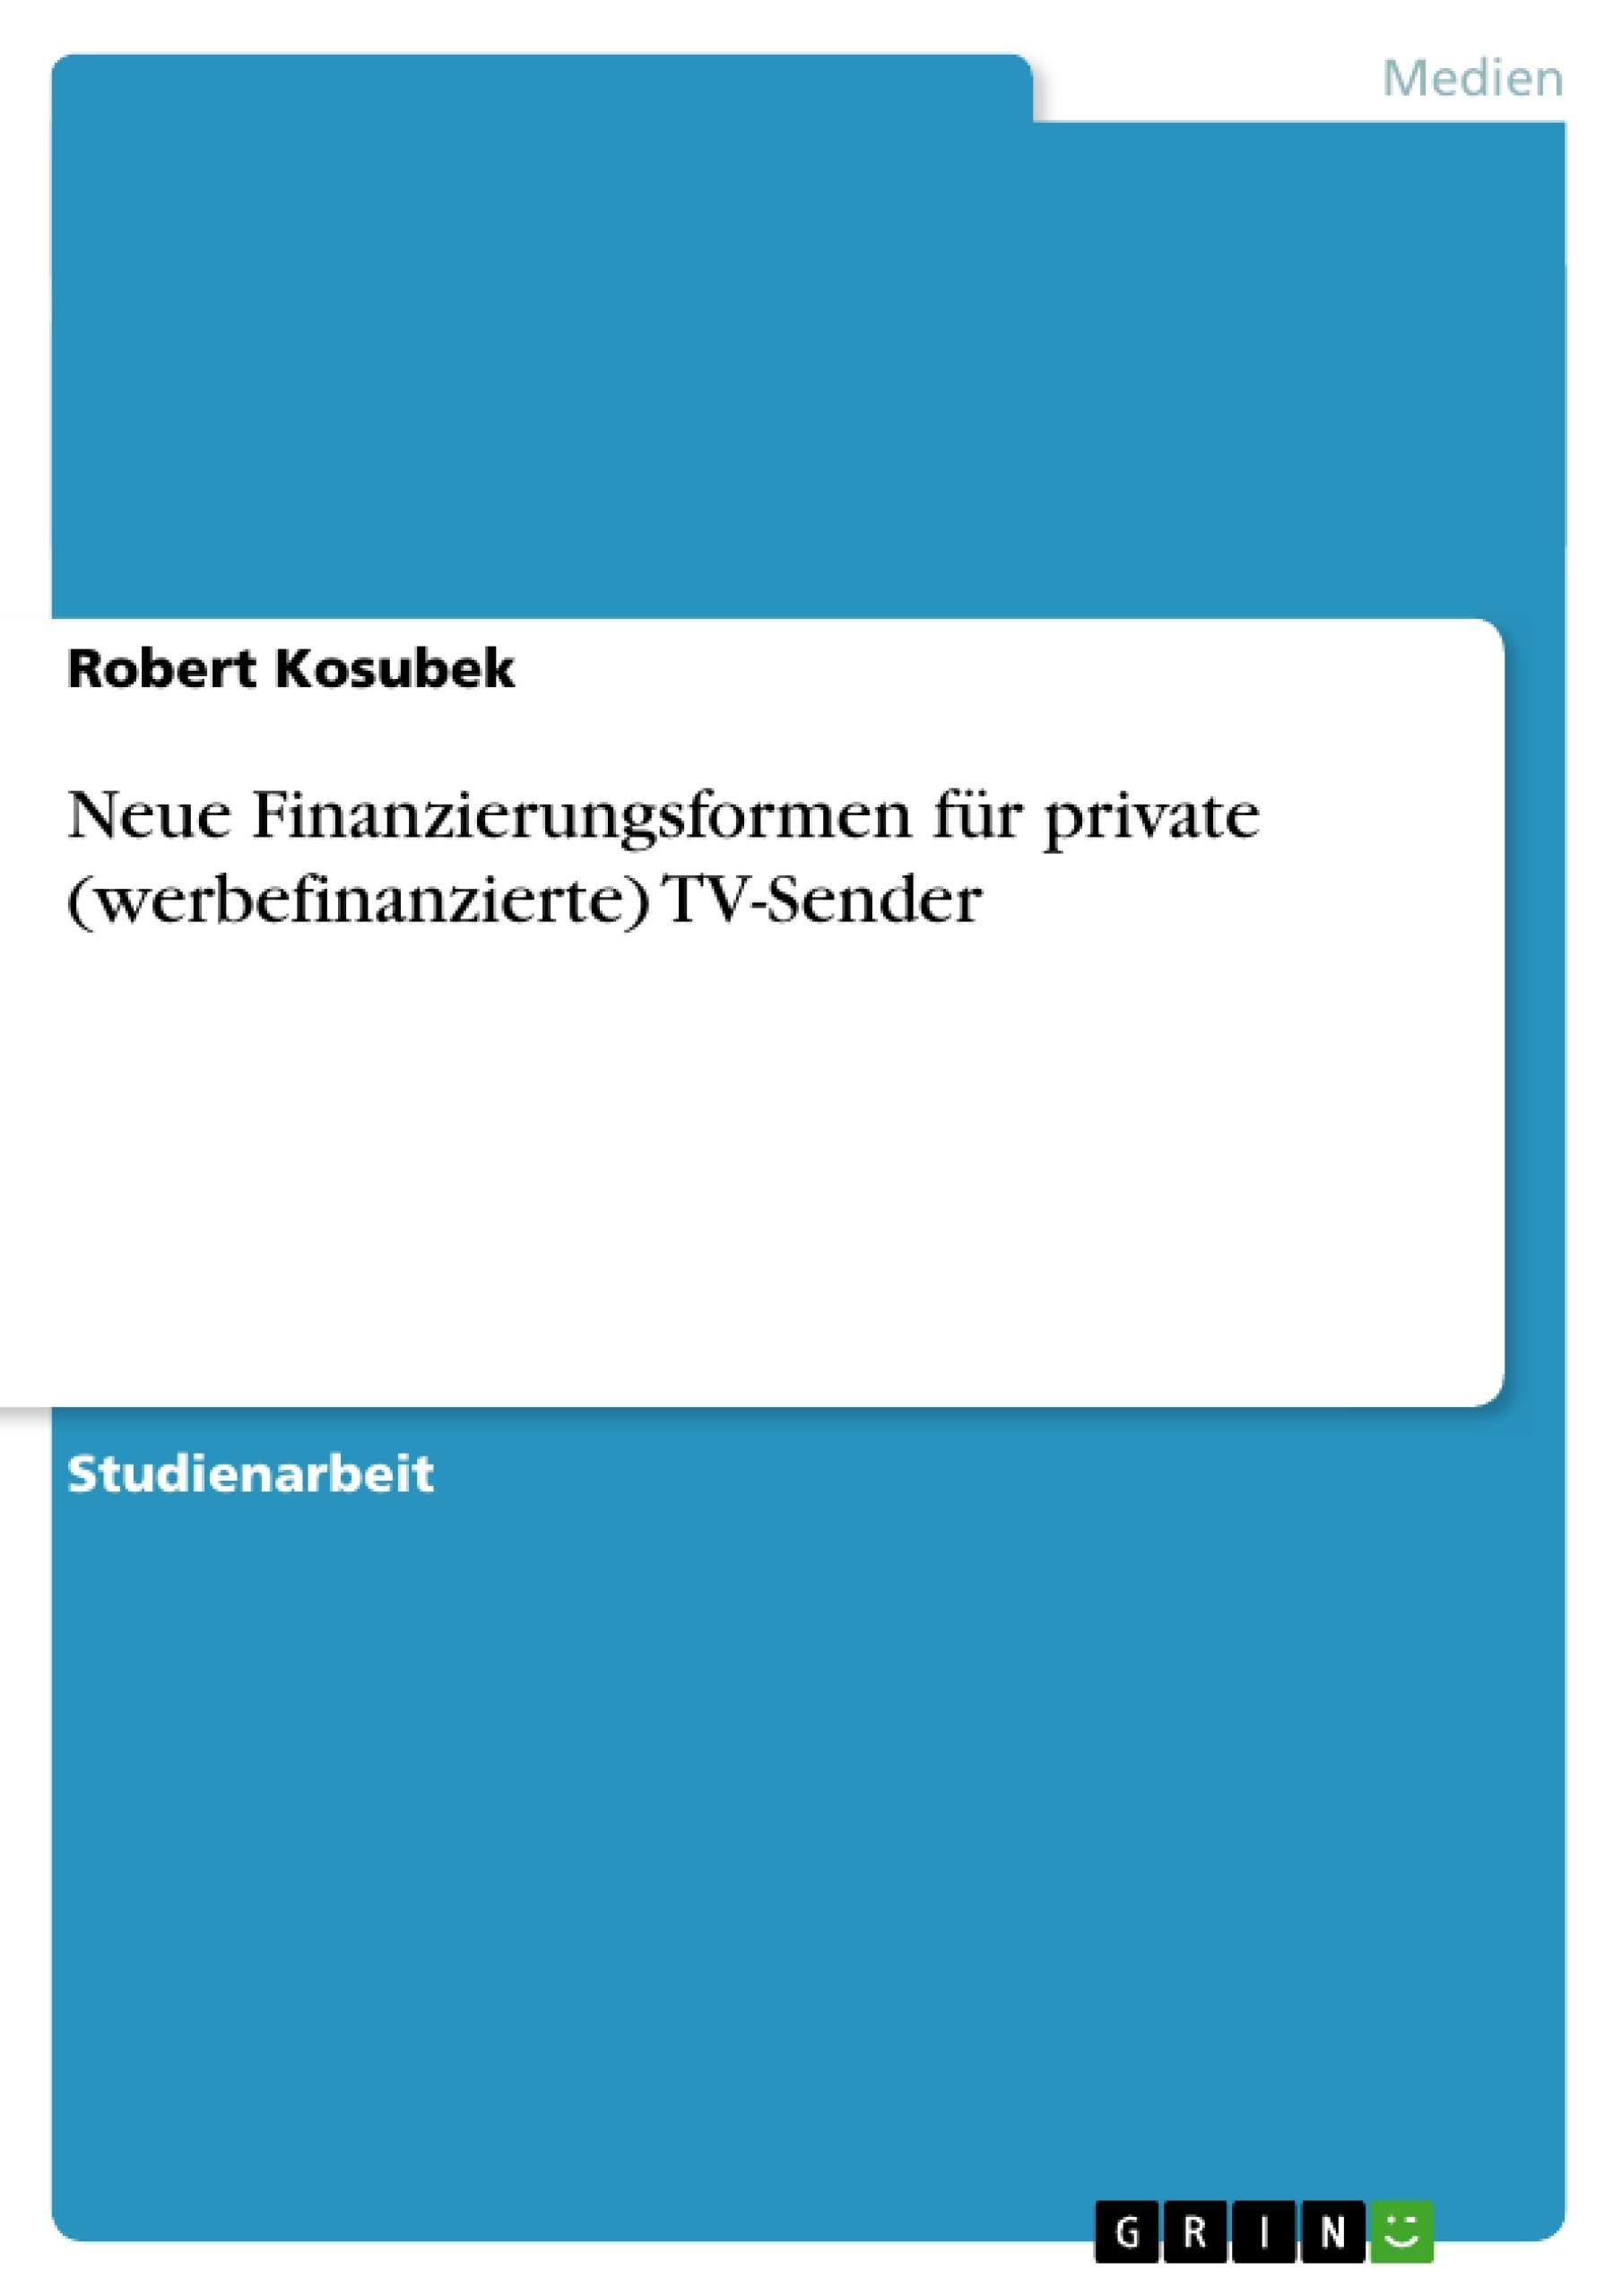 Titel: Neue Finanzierungsformen für private (werbefinanzierte) TV-Sender